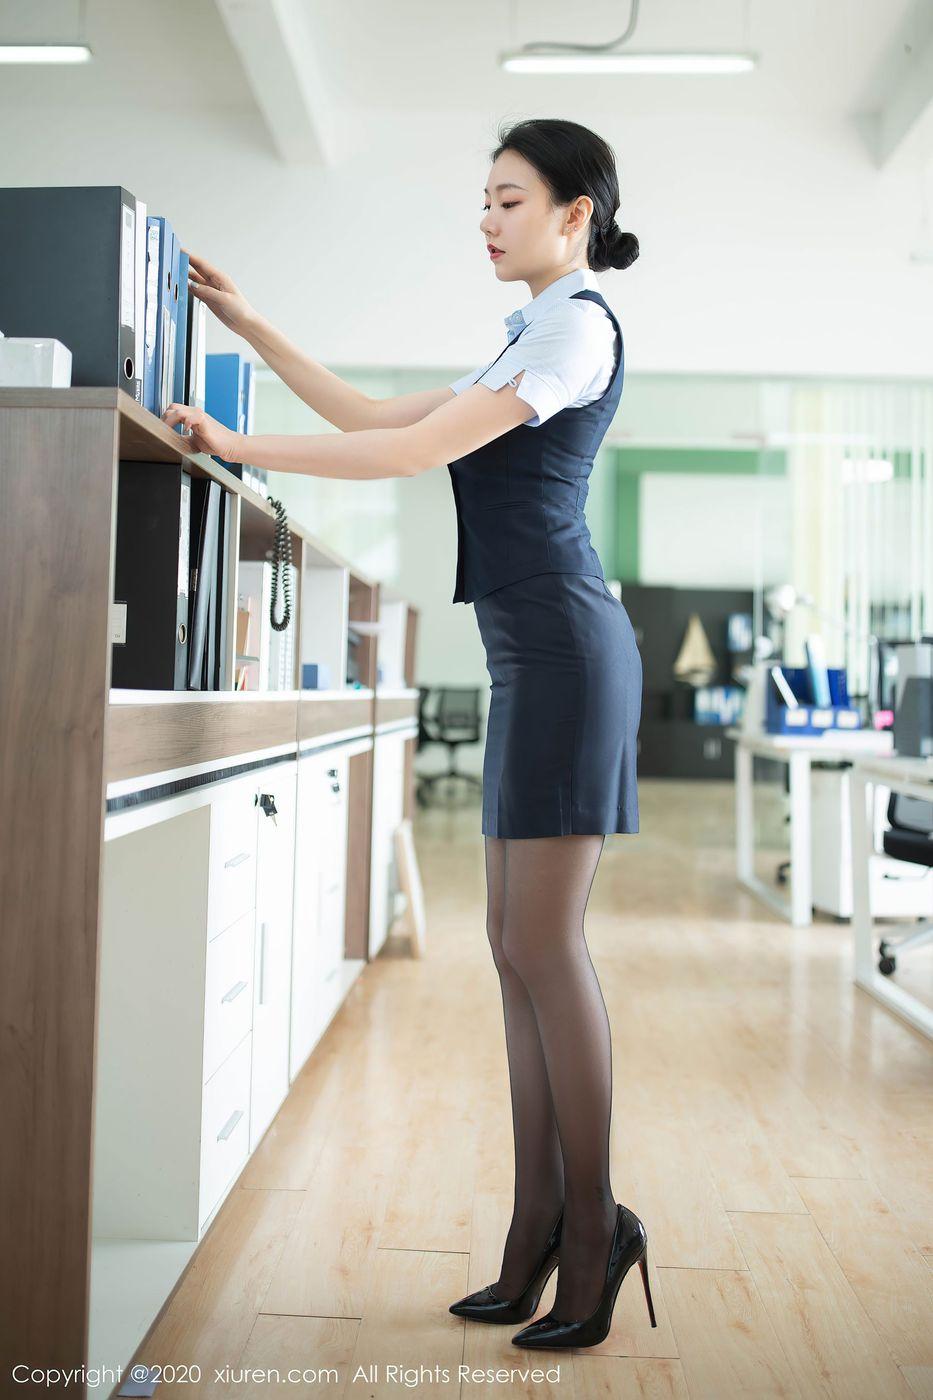 黑丝美腿内衣诱惑翘臀职场OL女秘书美女模特秀人网-[安然Maleah]超高清写真图片|1620396681更新